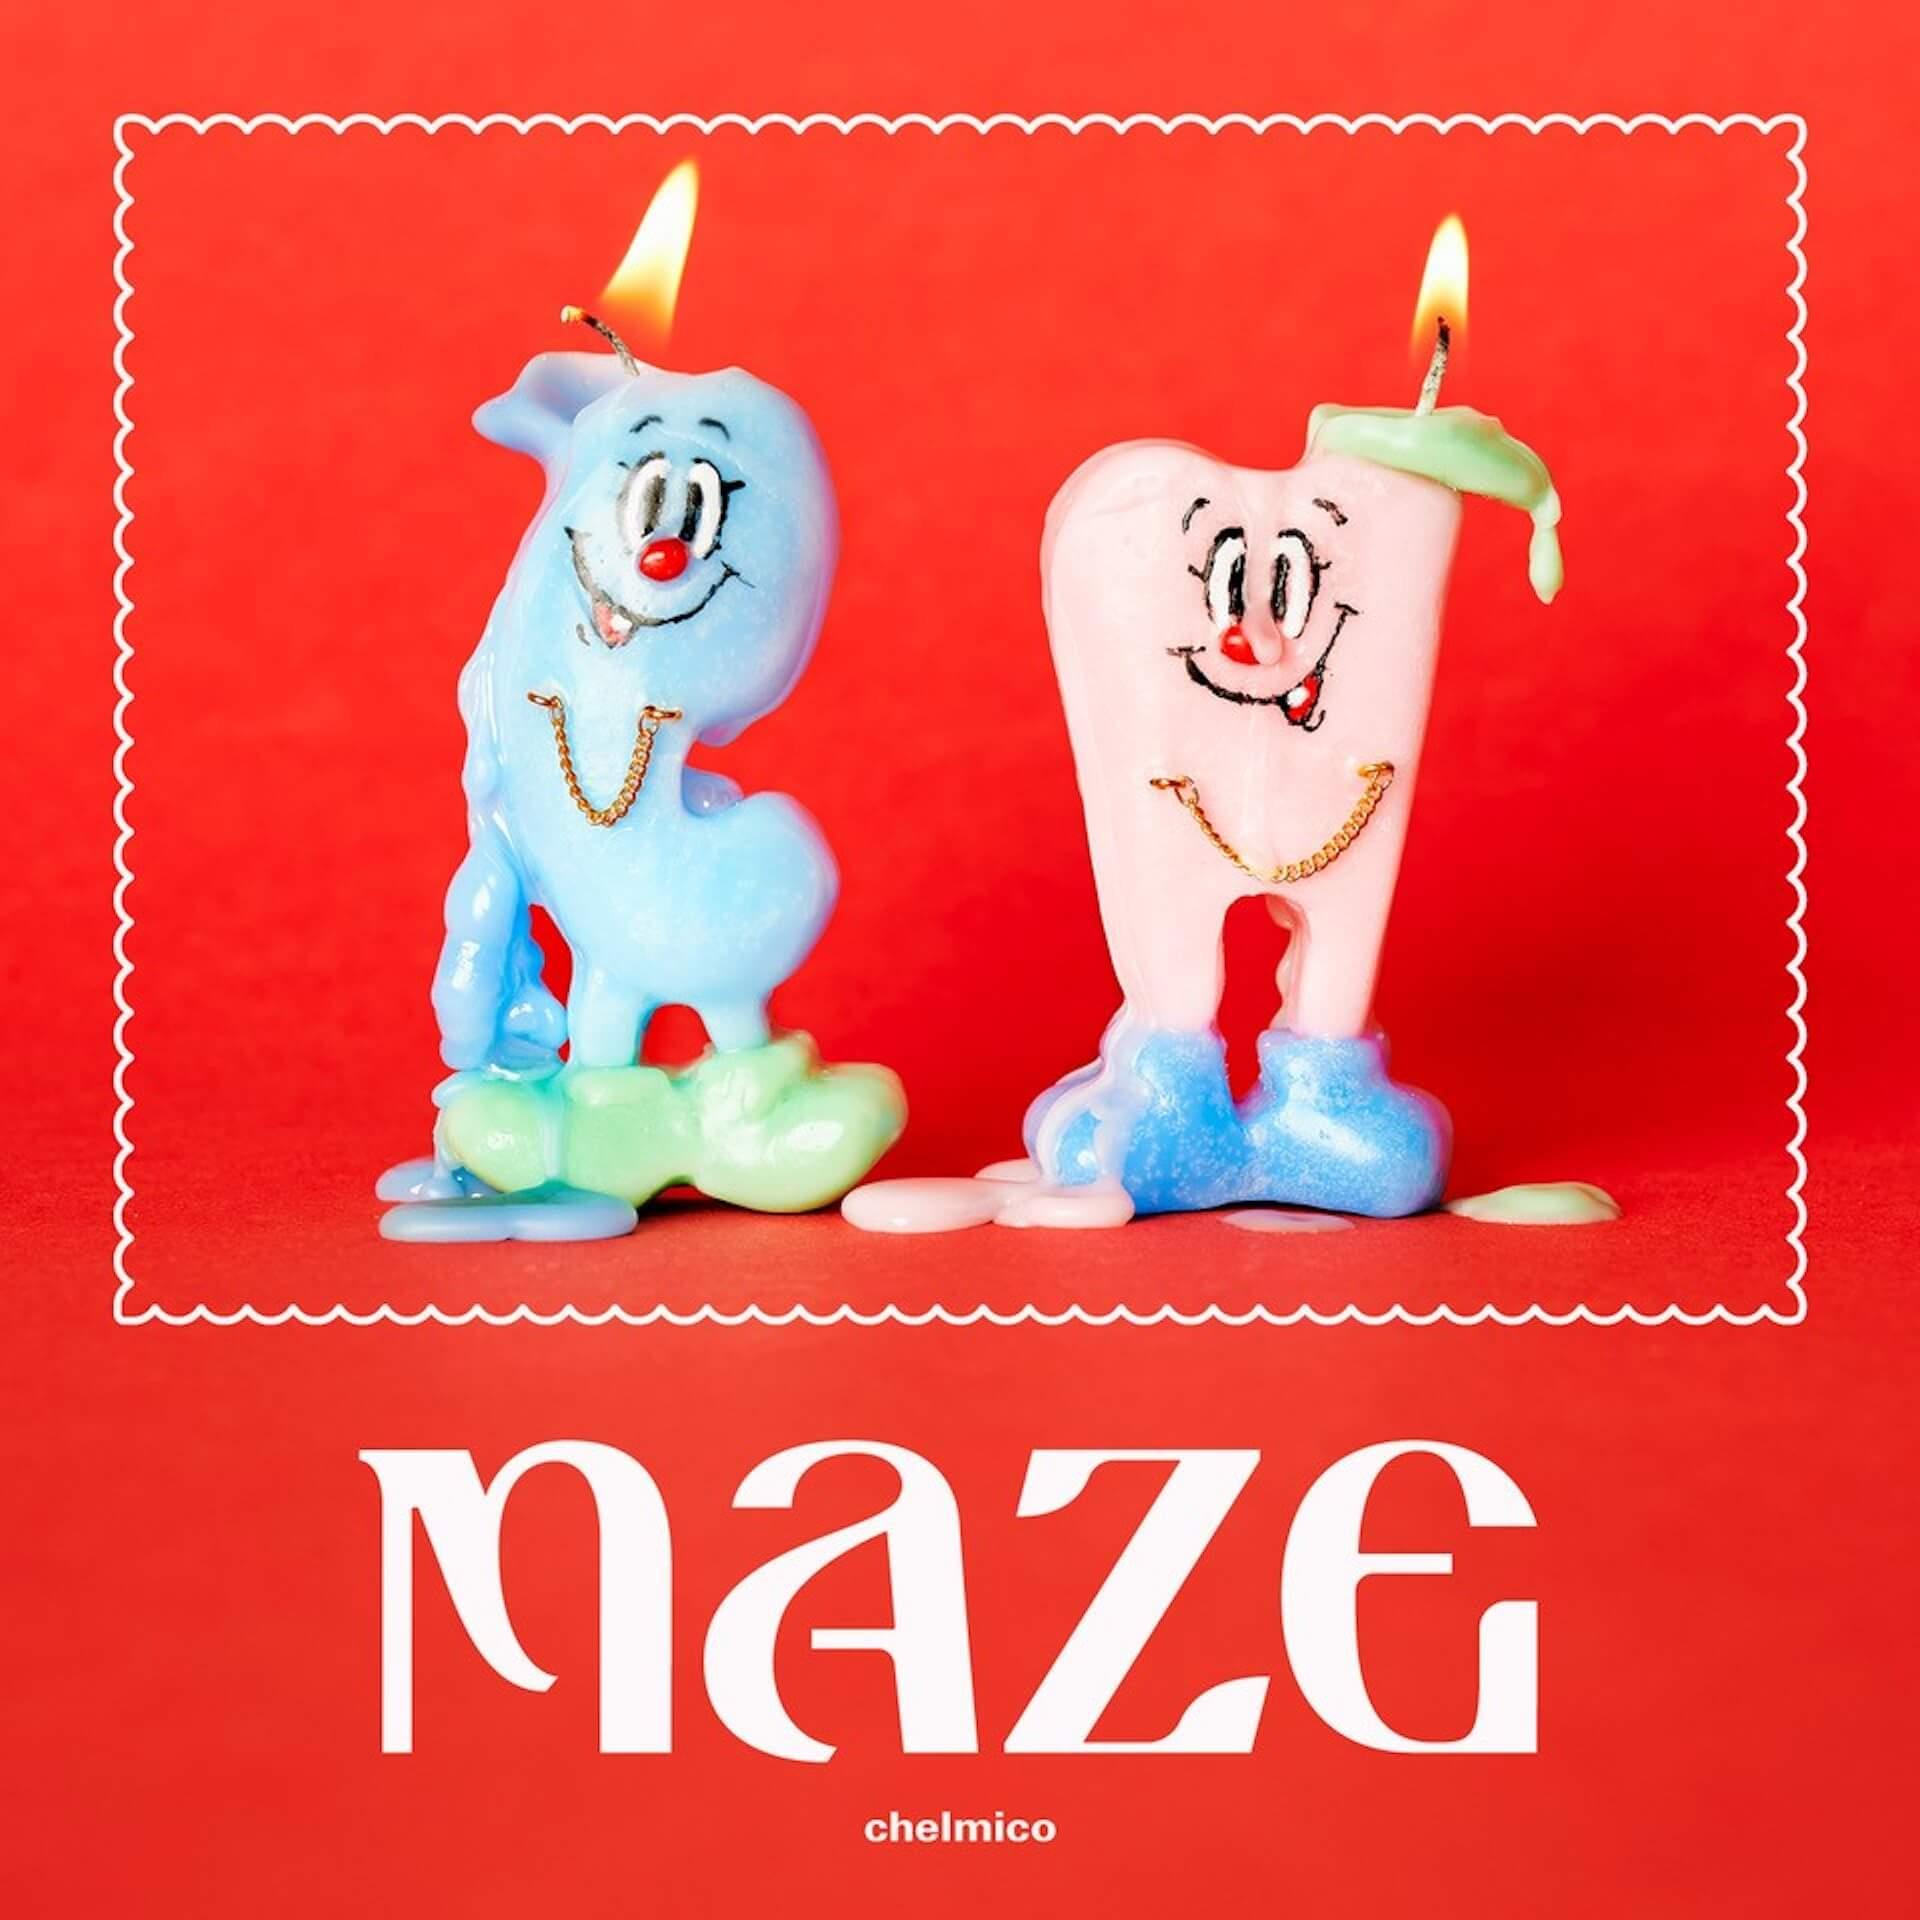 """chelmico、ニューアルバム『maze』をリリース発表&""""milk""""が先行配信決定!初回盤には初の映像作品も収録 music200701_chelmico_newrelease_02"""